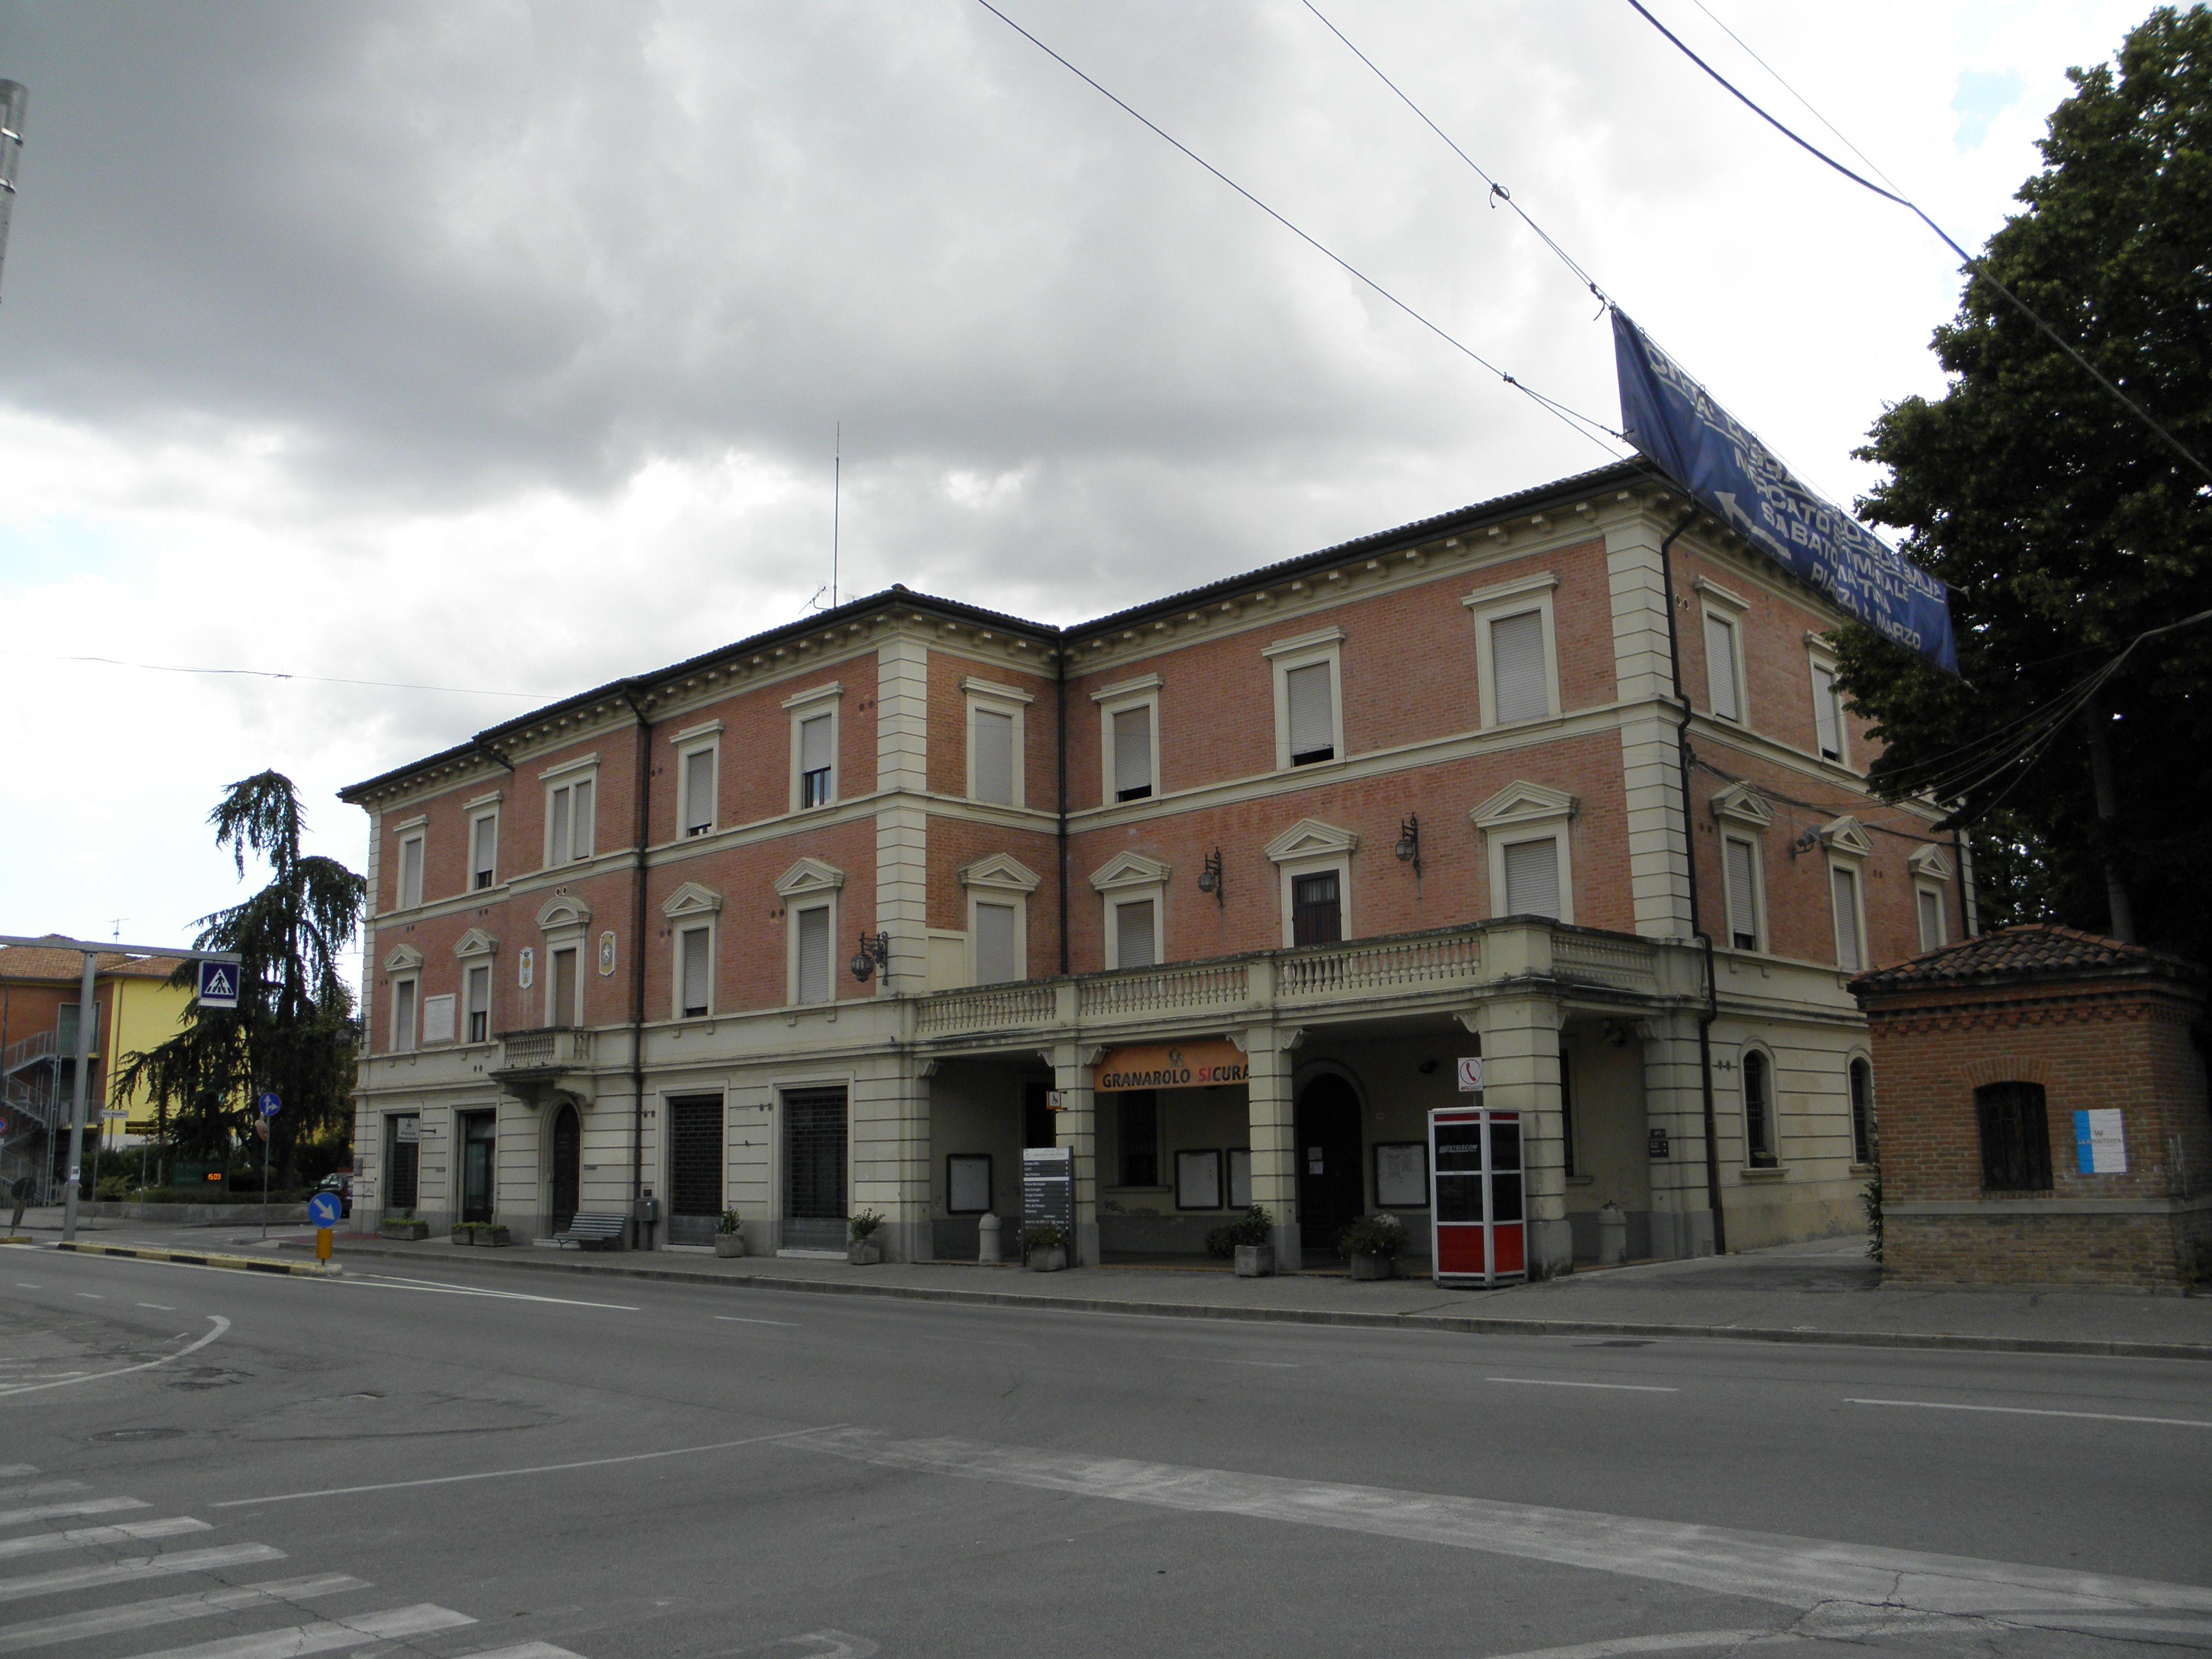 Palazzo_Municipale_%282%29_%28Granarolo_dell%27Emilia%29.jpg